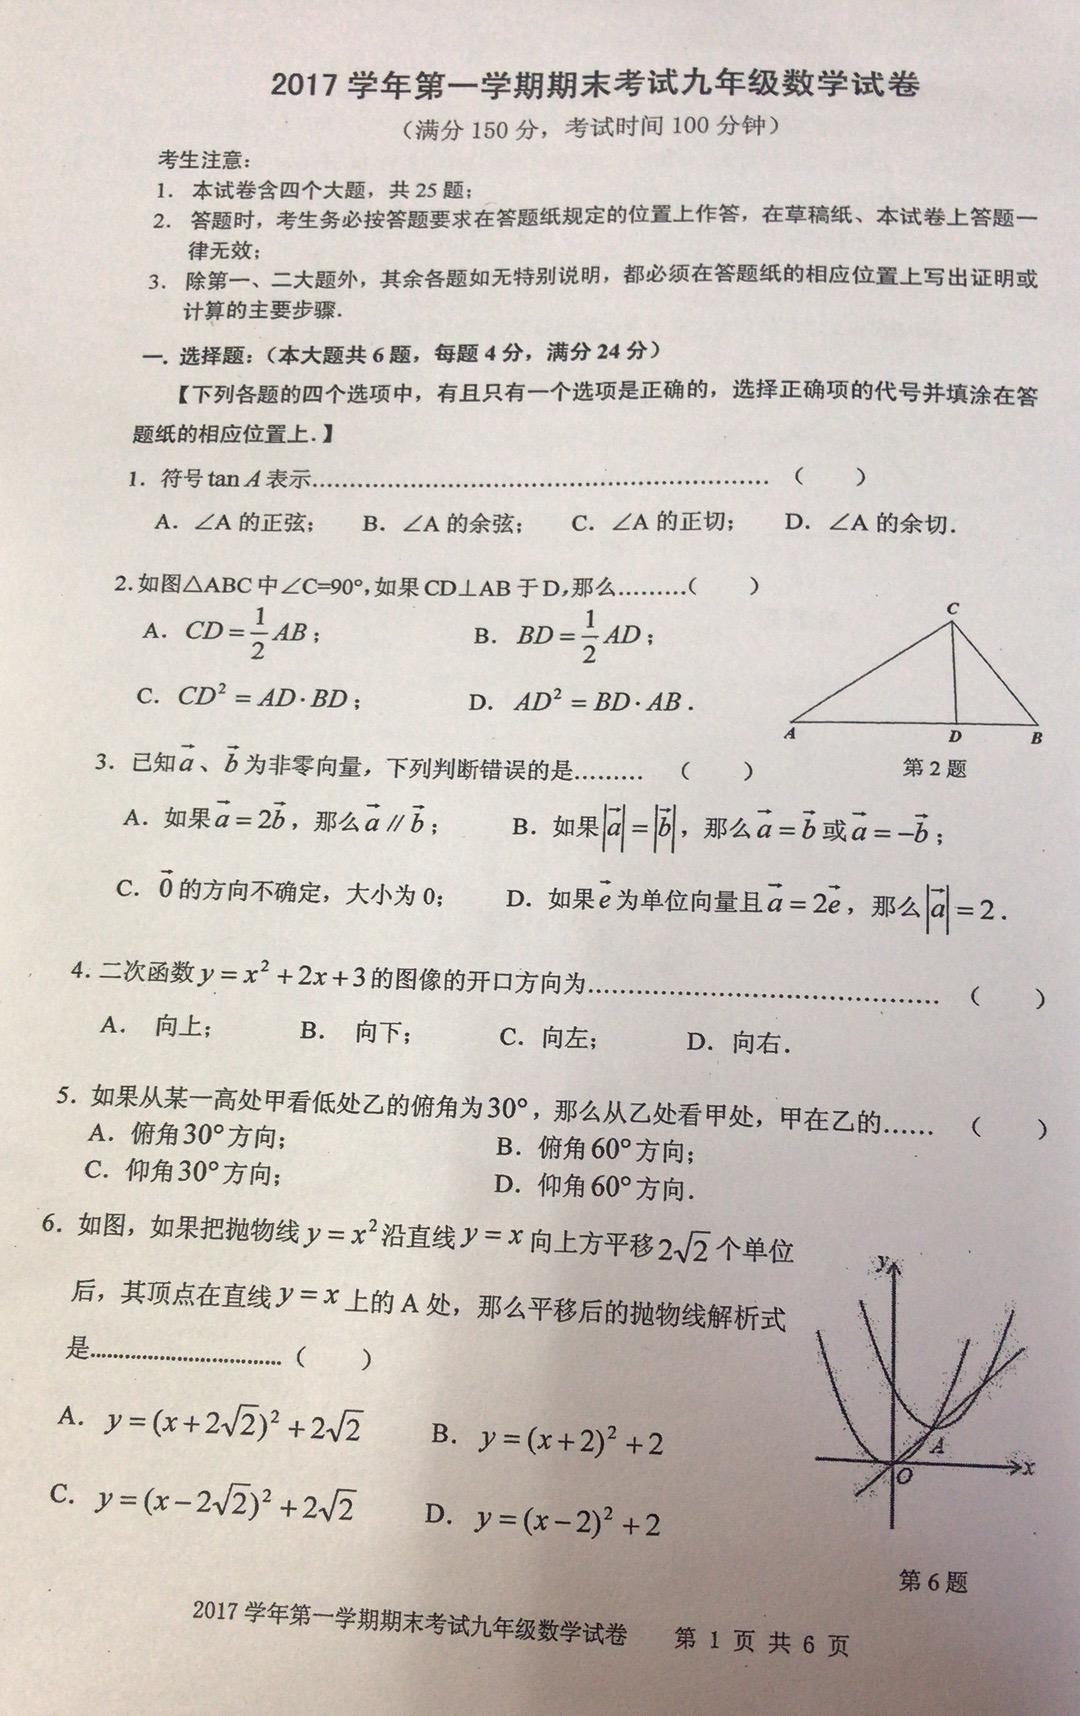 2018宝山中考数学一模试题及答案(图片版)